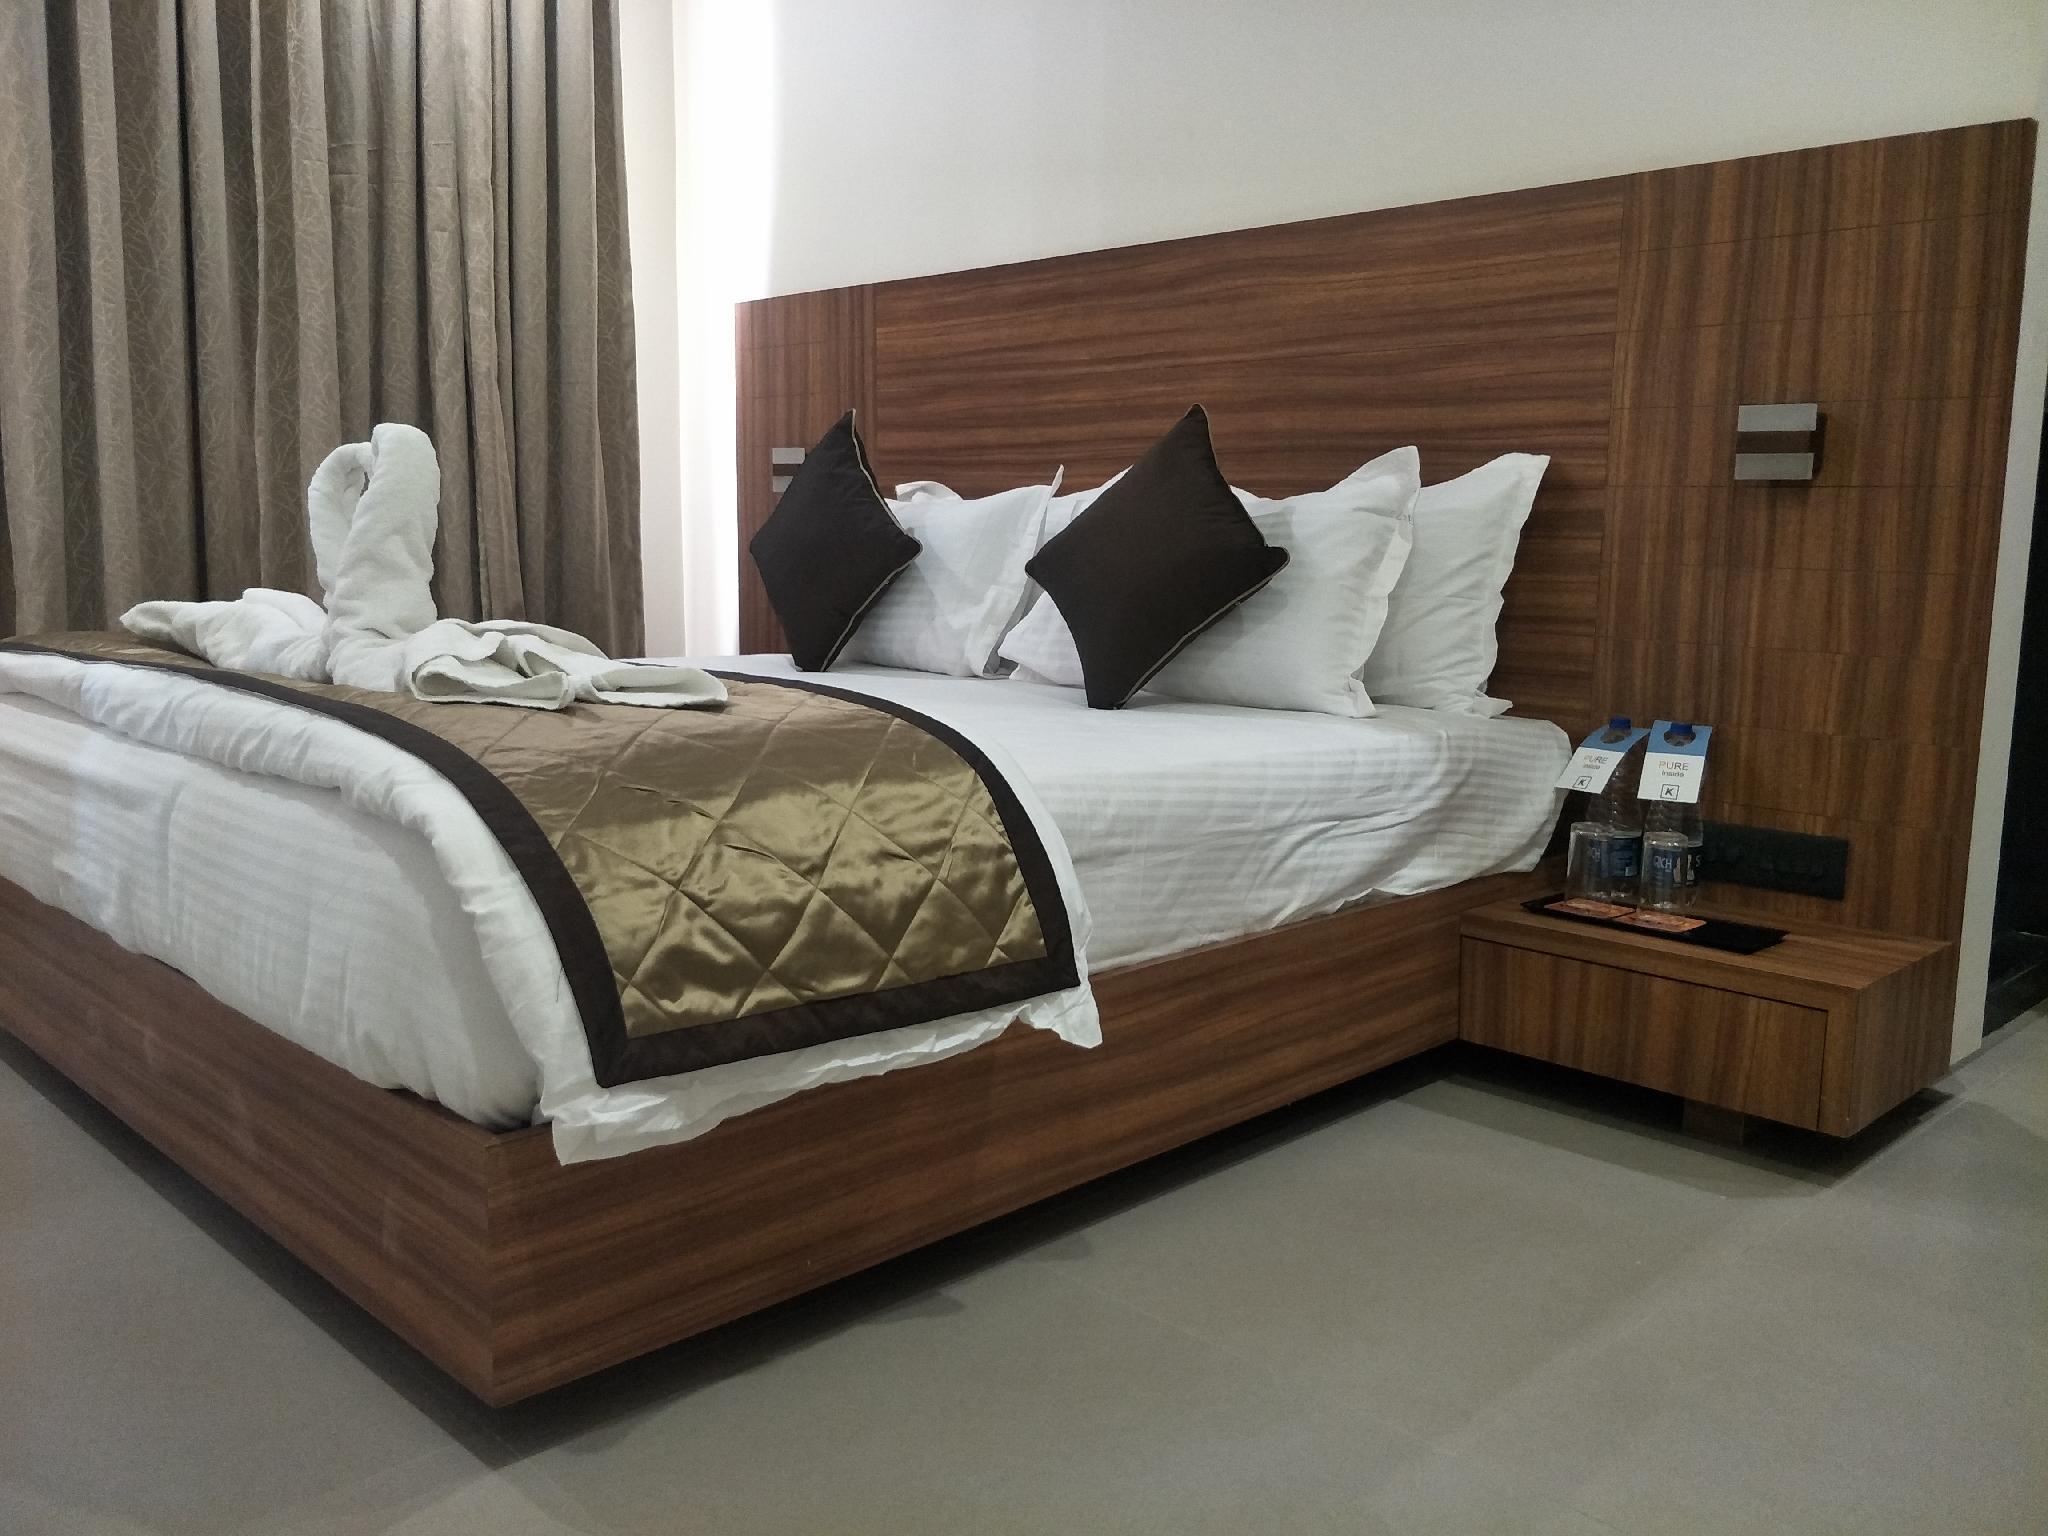 Kyriad Hotel Solapur, Solapur